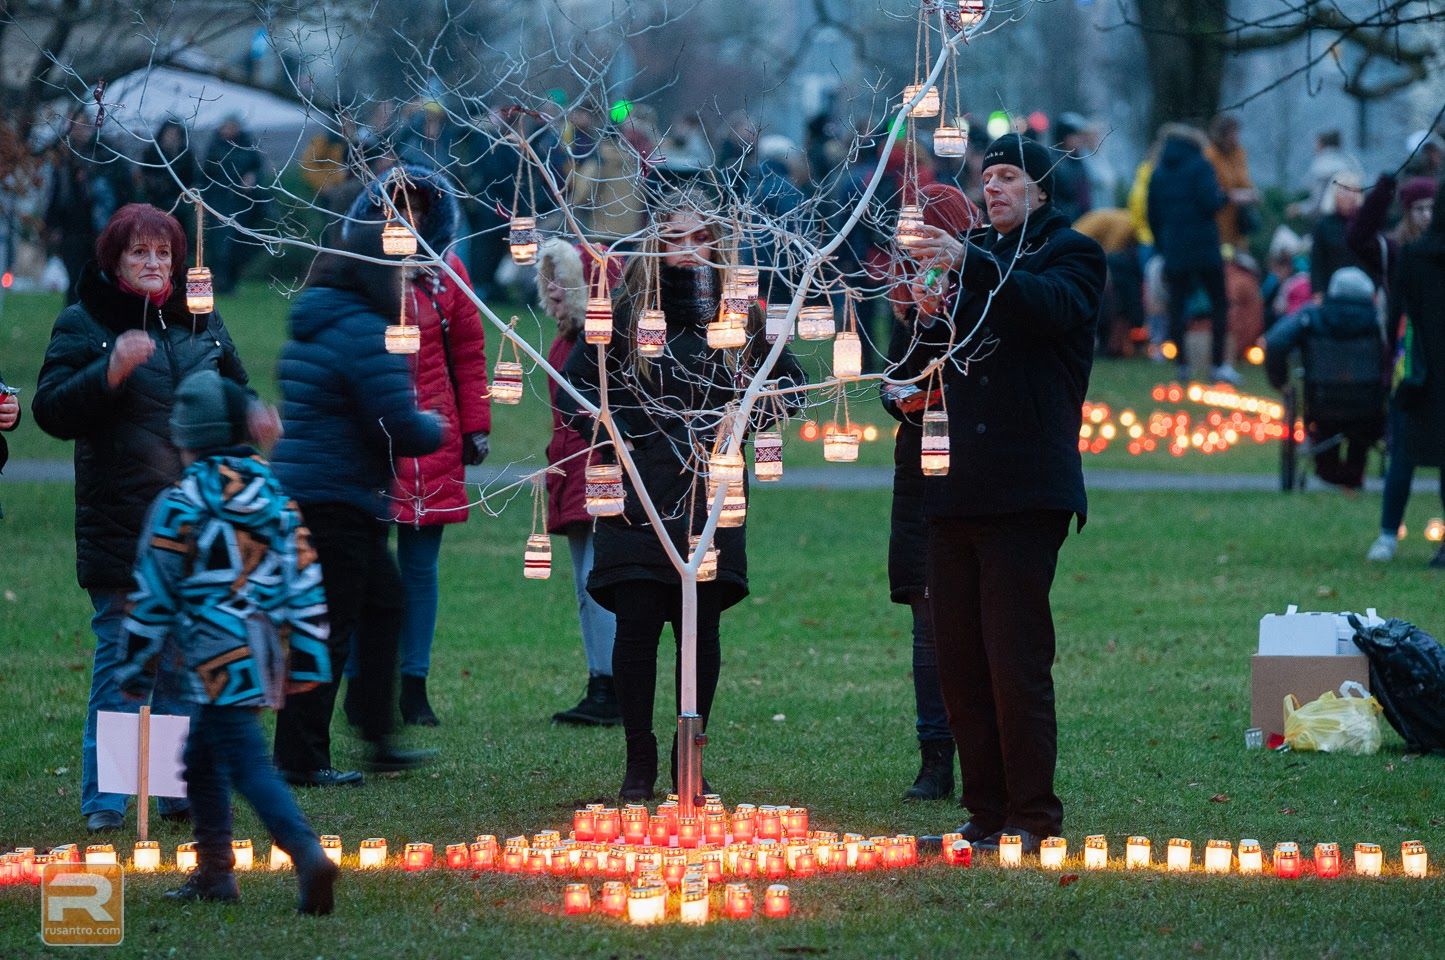 Vīrietis iekar kokā degošo svecīti